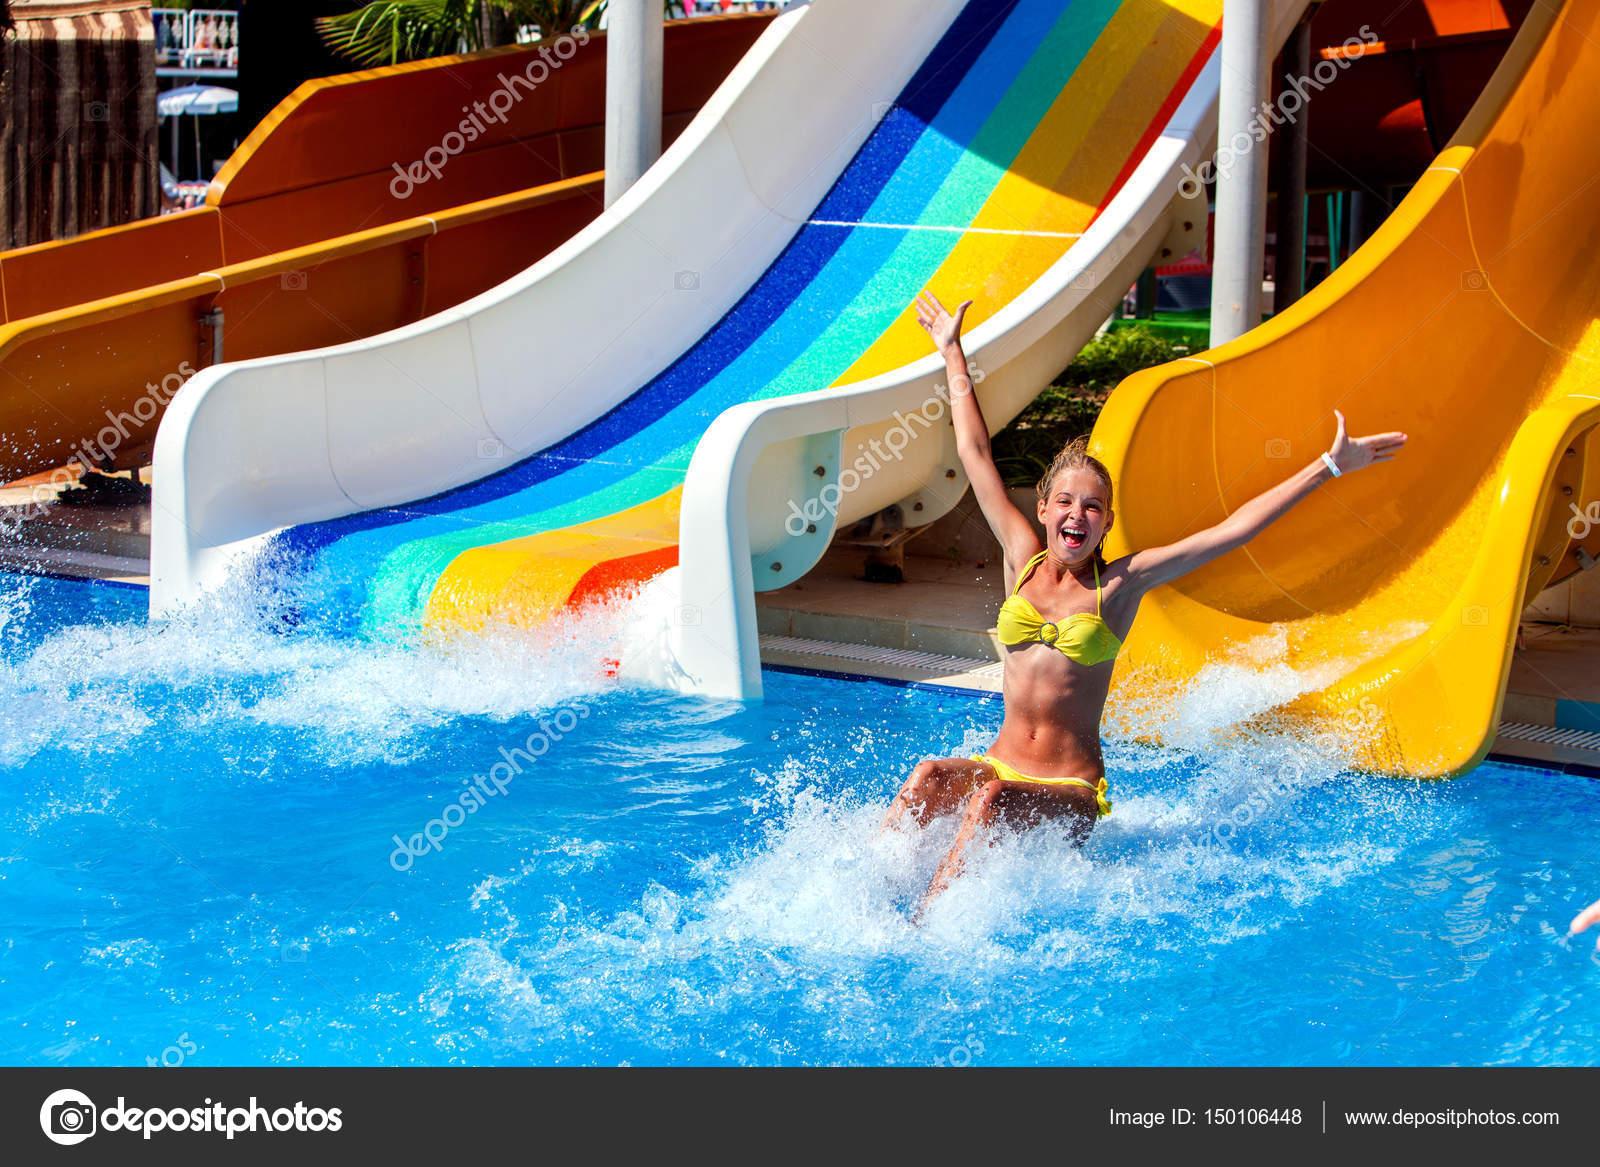 Schwimmbad Folien Für Kind Auf Blauem Wasser Rutschen Im Aquapark. Sommer  Kinder Reiten Urlaub Im Freien. Glücklich Schöne Mädchen Im Gelben  Badeanzug Mit ...